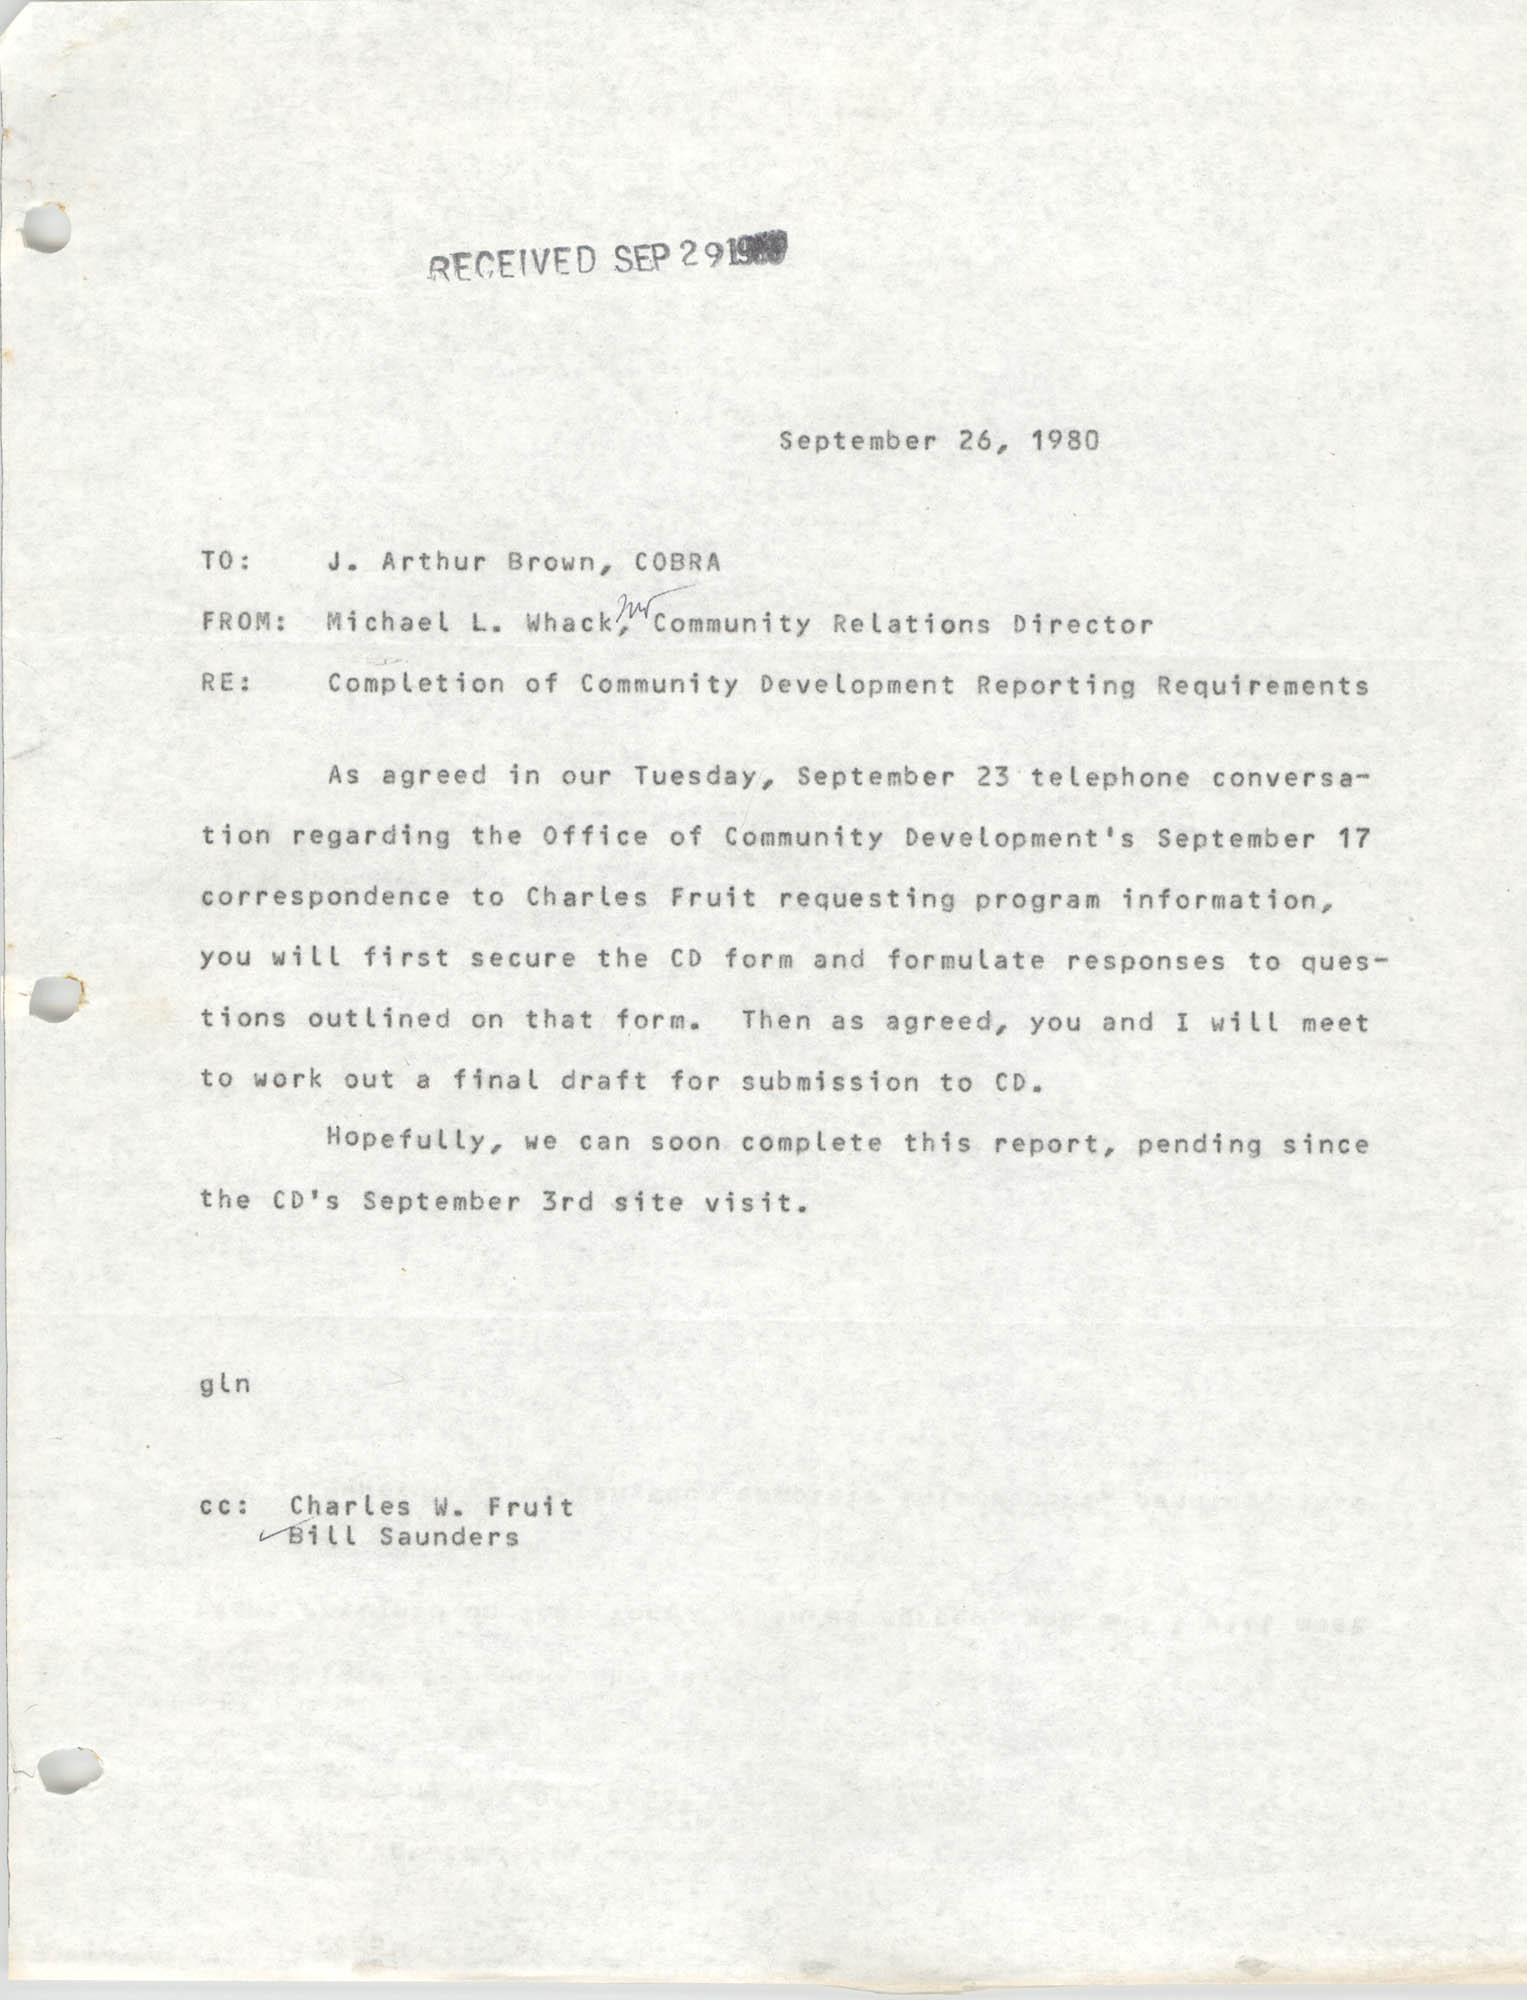 Letter from Michael L. Whack to J. Arthur Brown, September 26, 1980